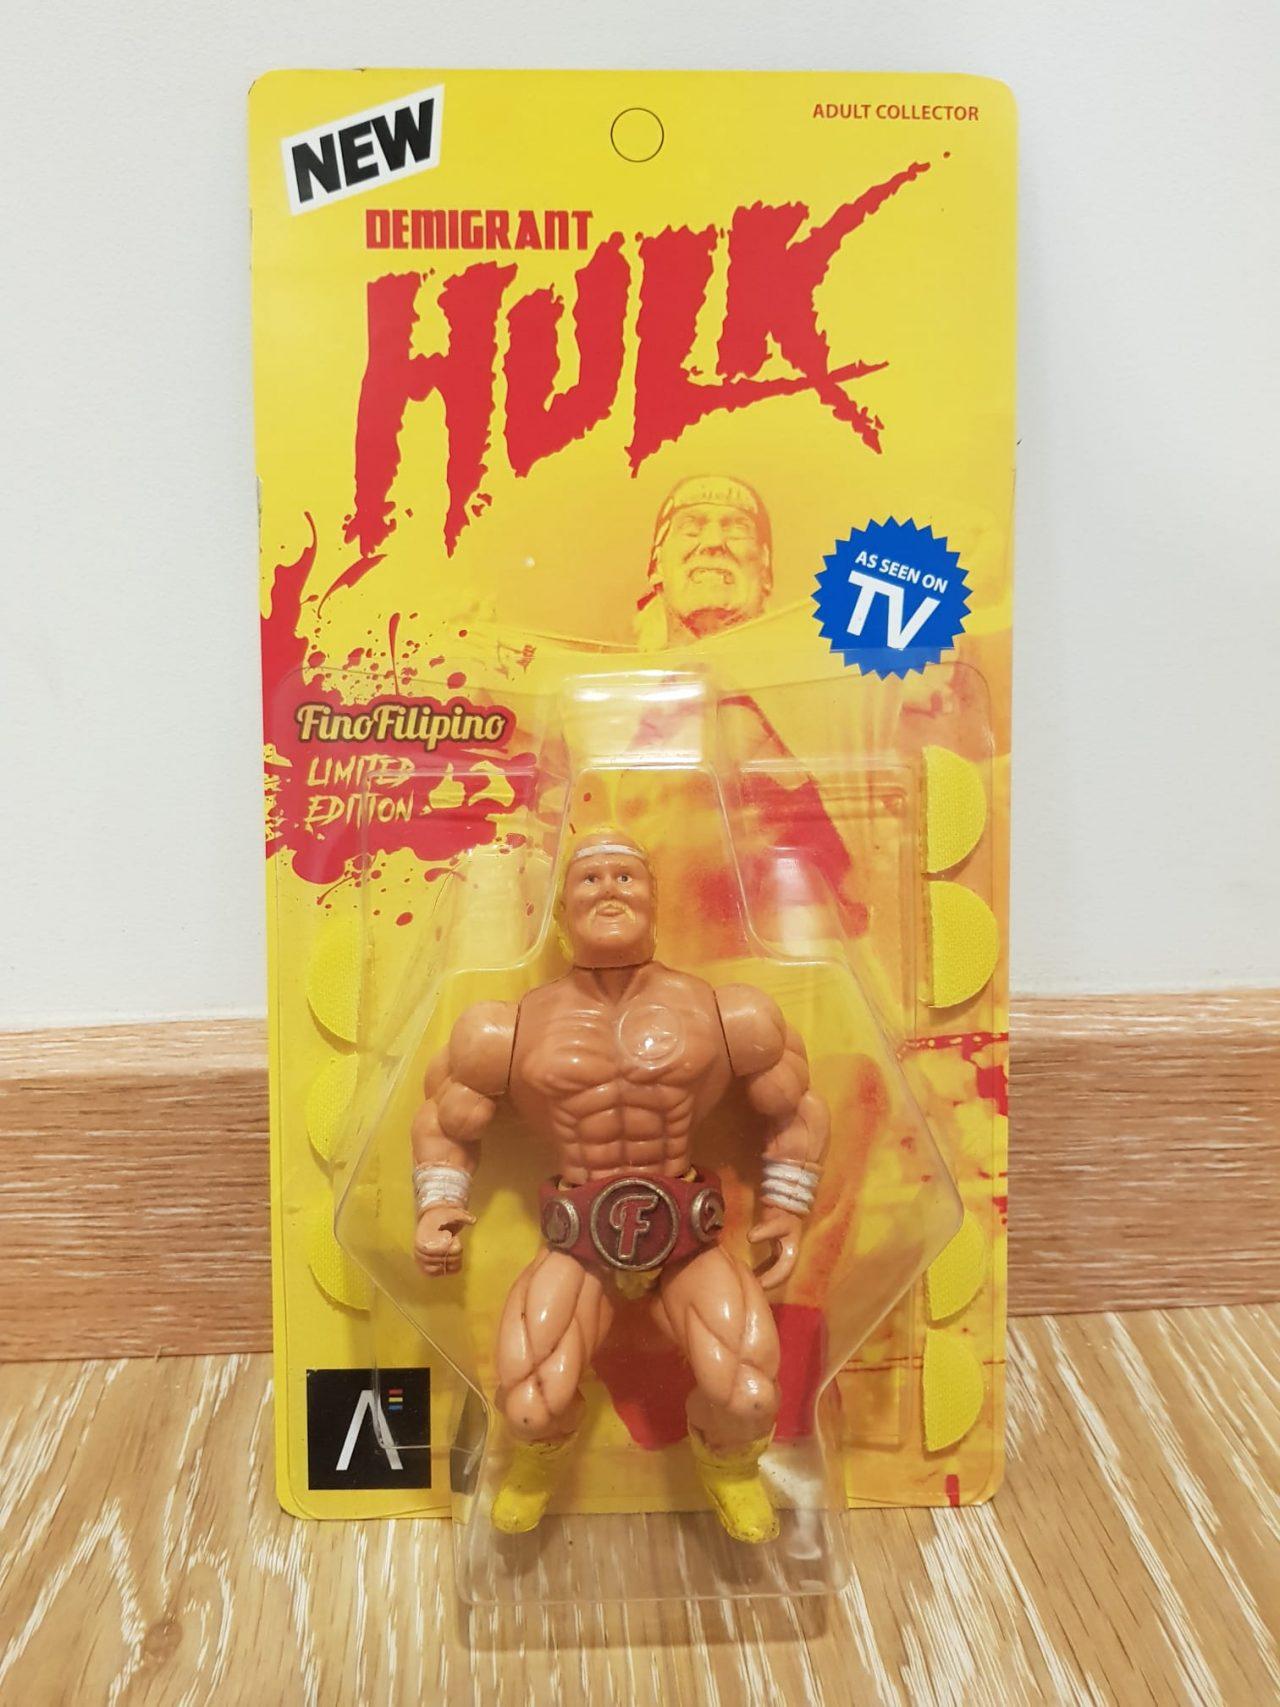 Regalo de un finolier: Hulk Demigrant Limited Edition